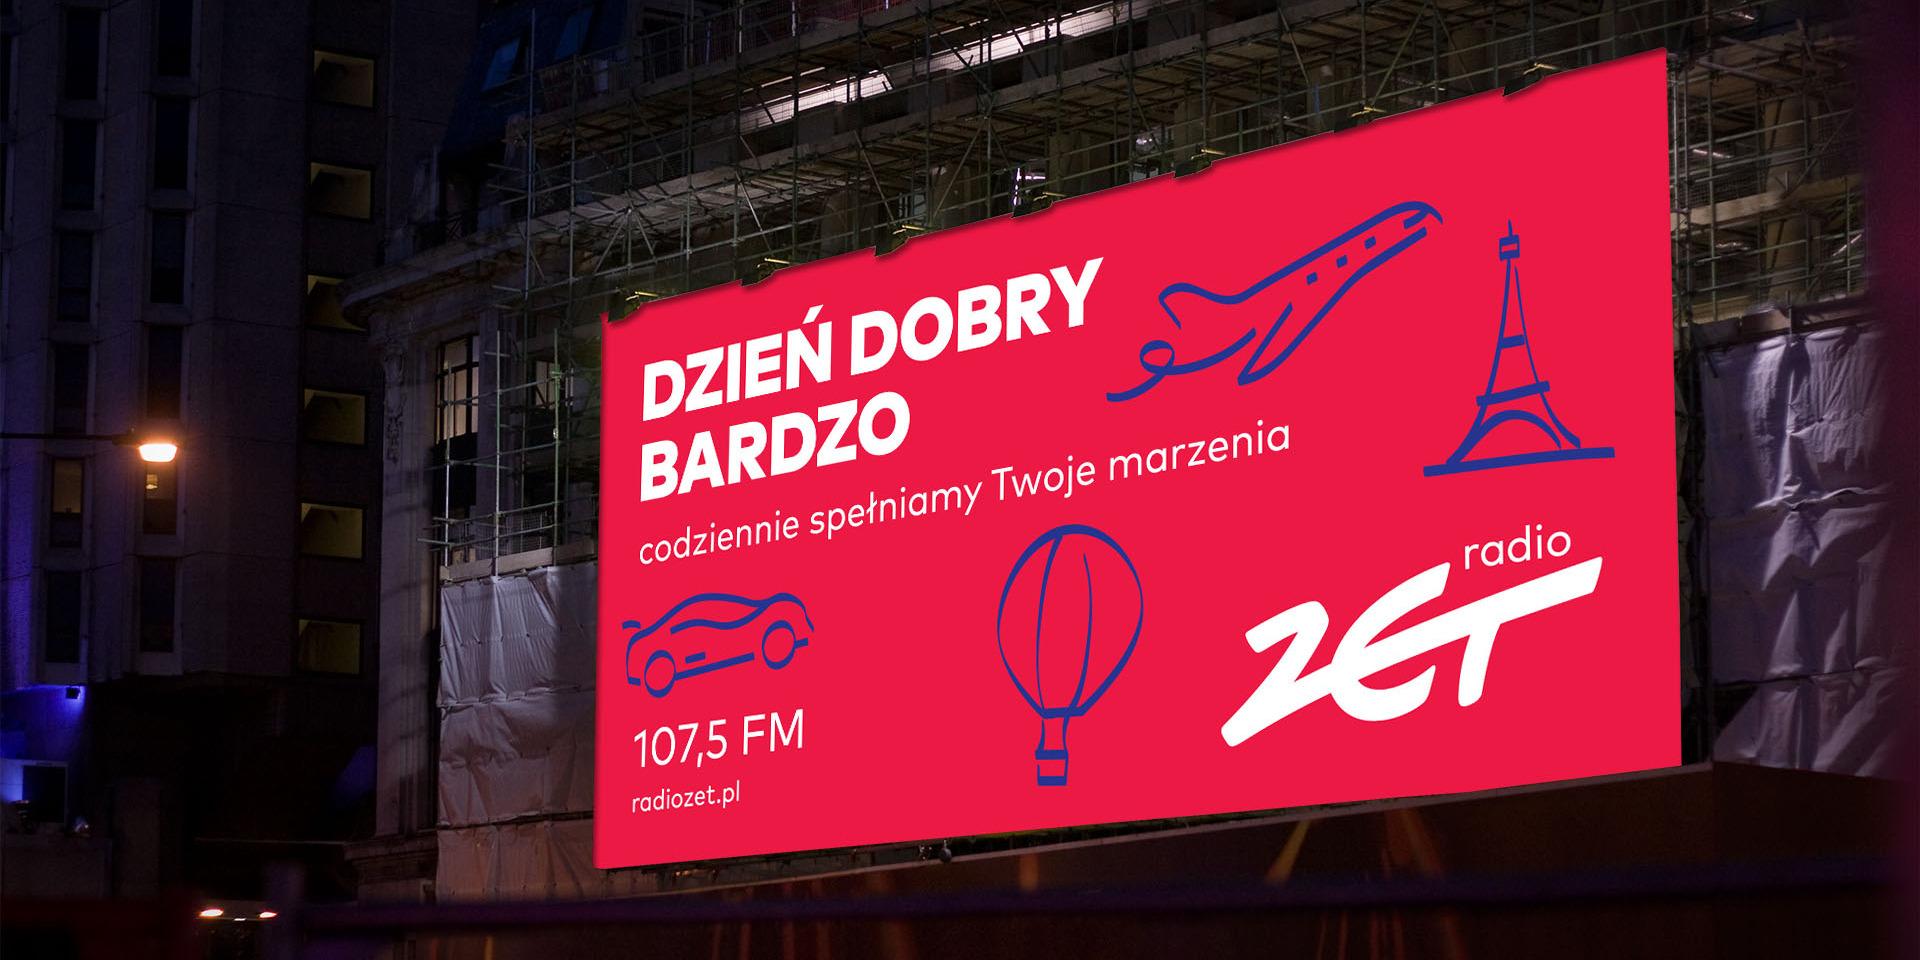 Radio ZET spełnia marzenia słuchaczy